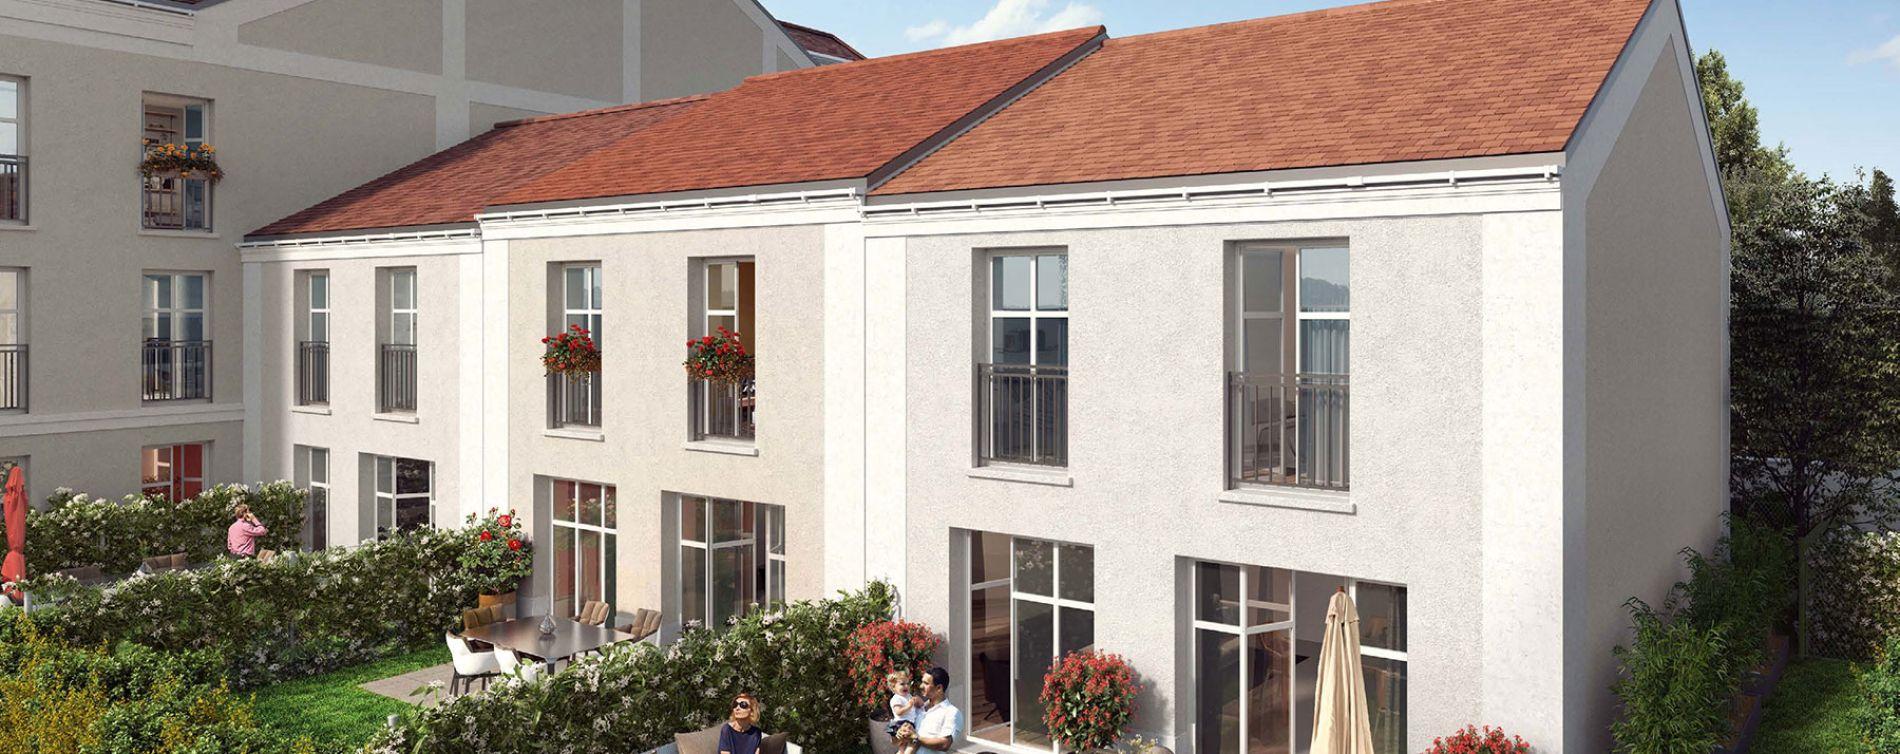 Voisins-le-Bretonneux : programme immobilier neuve « Belle Epoque » (3)